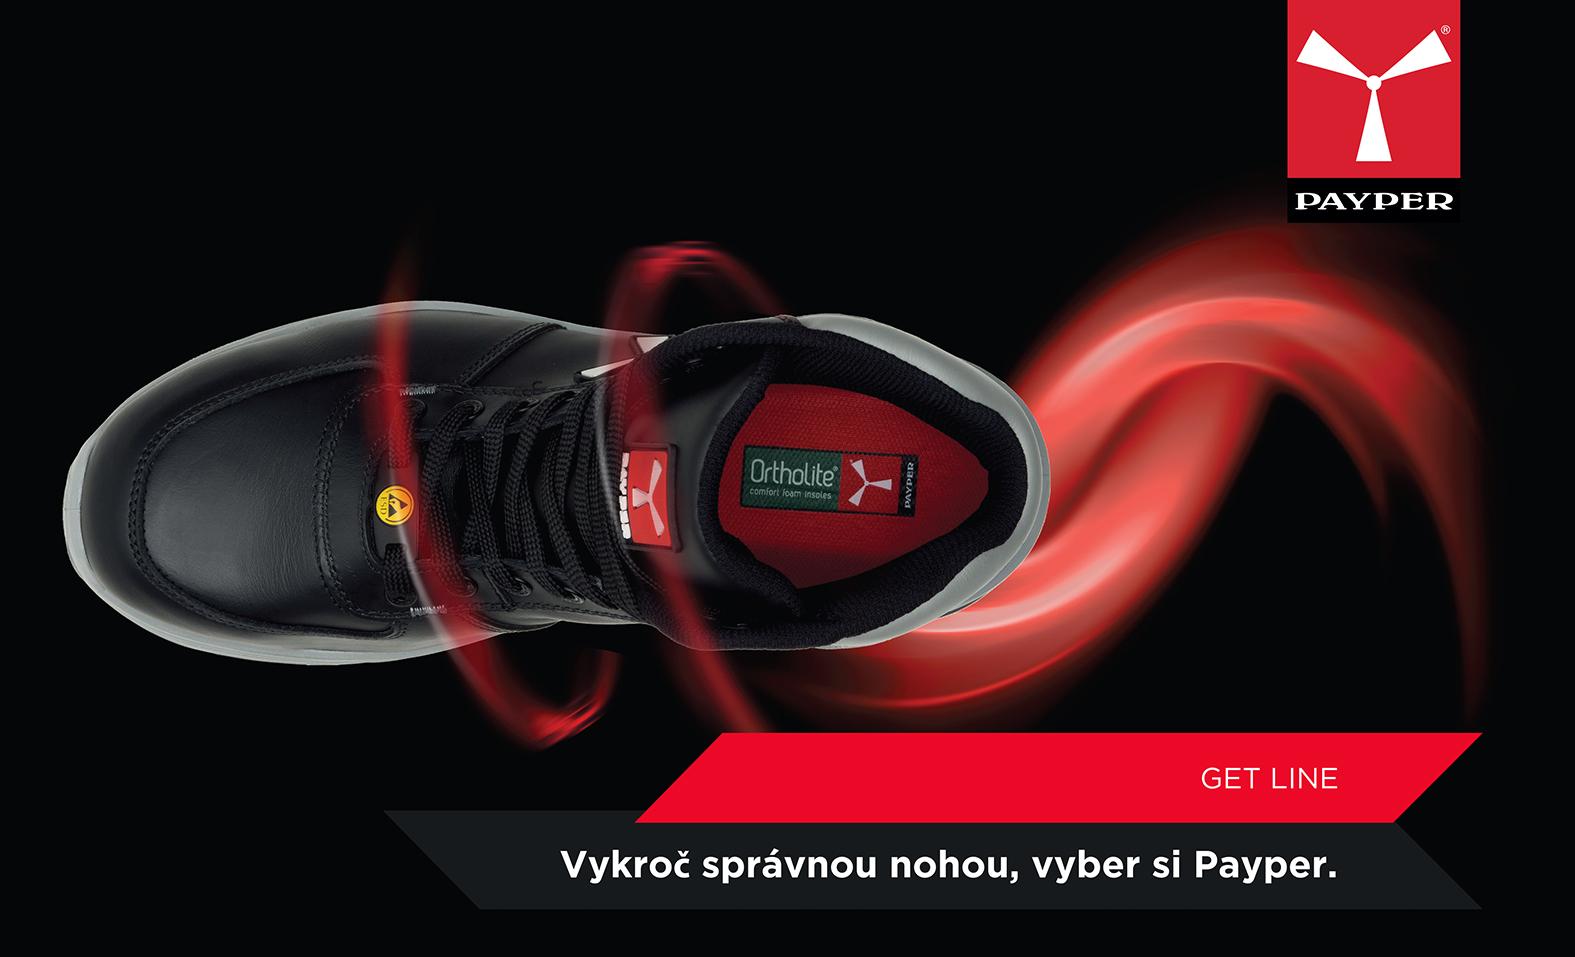 Payper bezpečnostná pracovná obuv